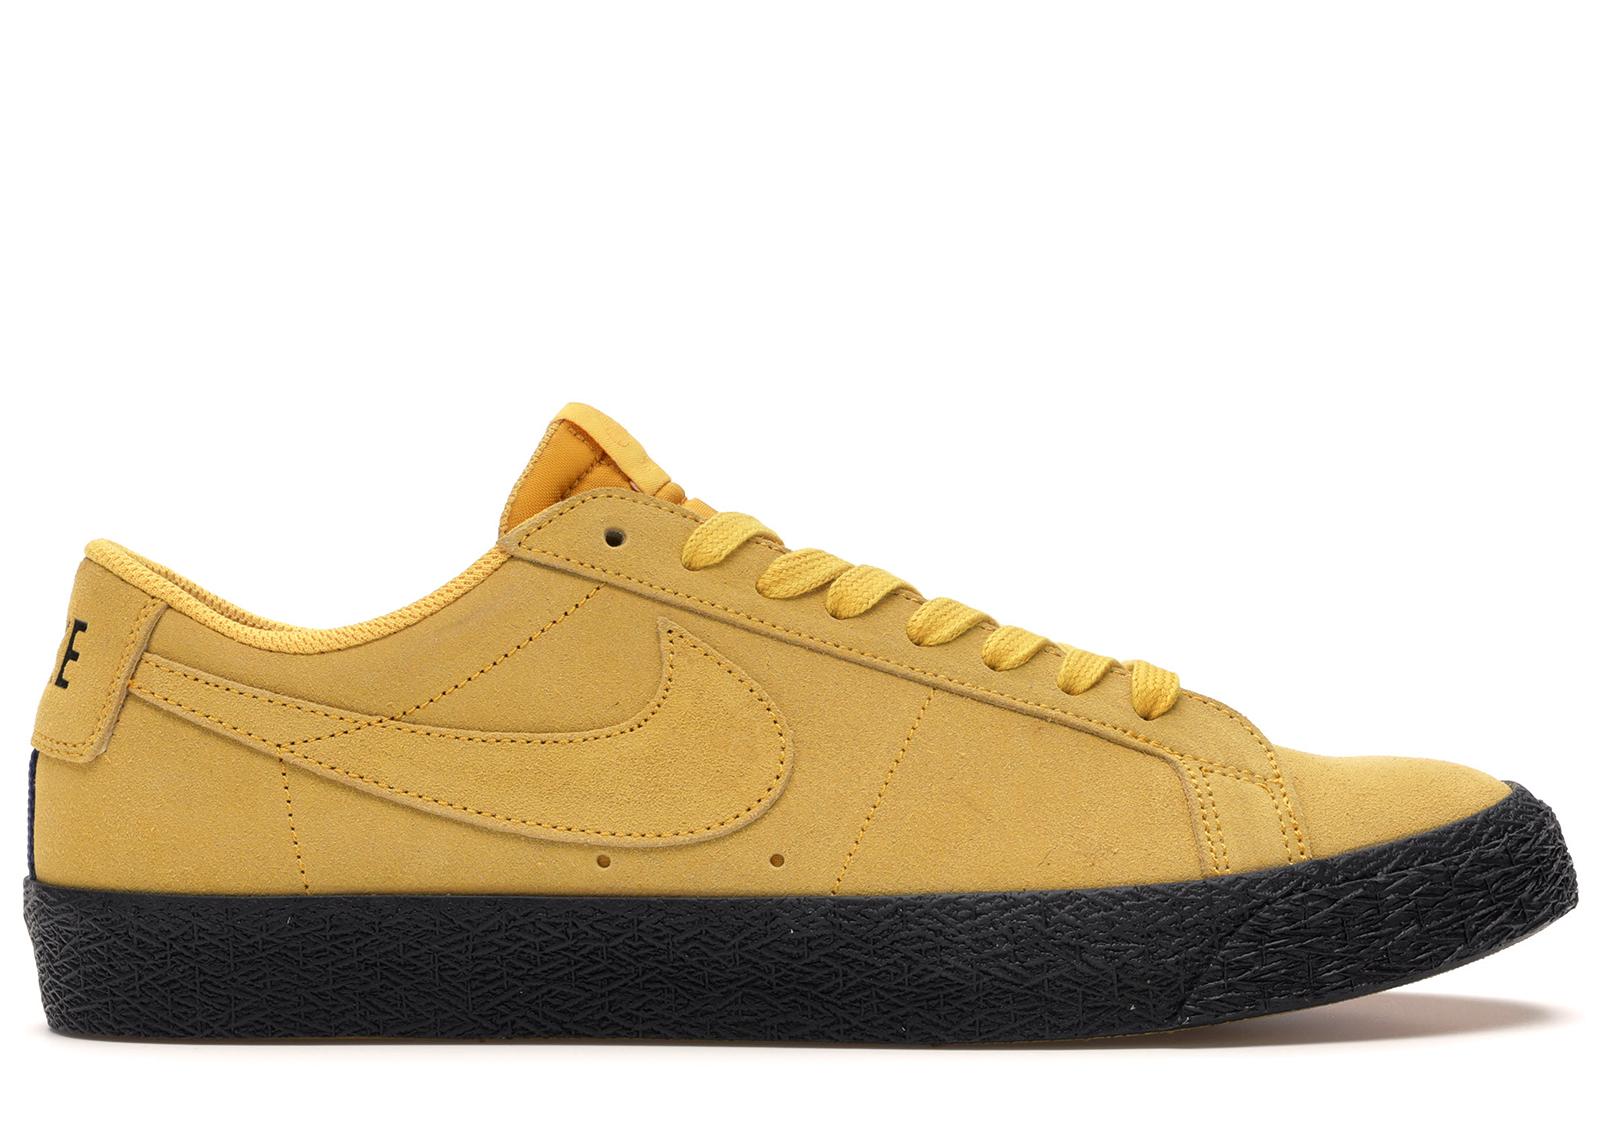 Nike SB Zoom Blazer Low Yellow Ochre